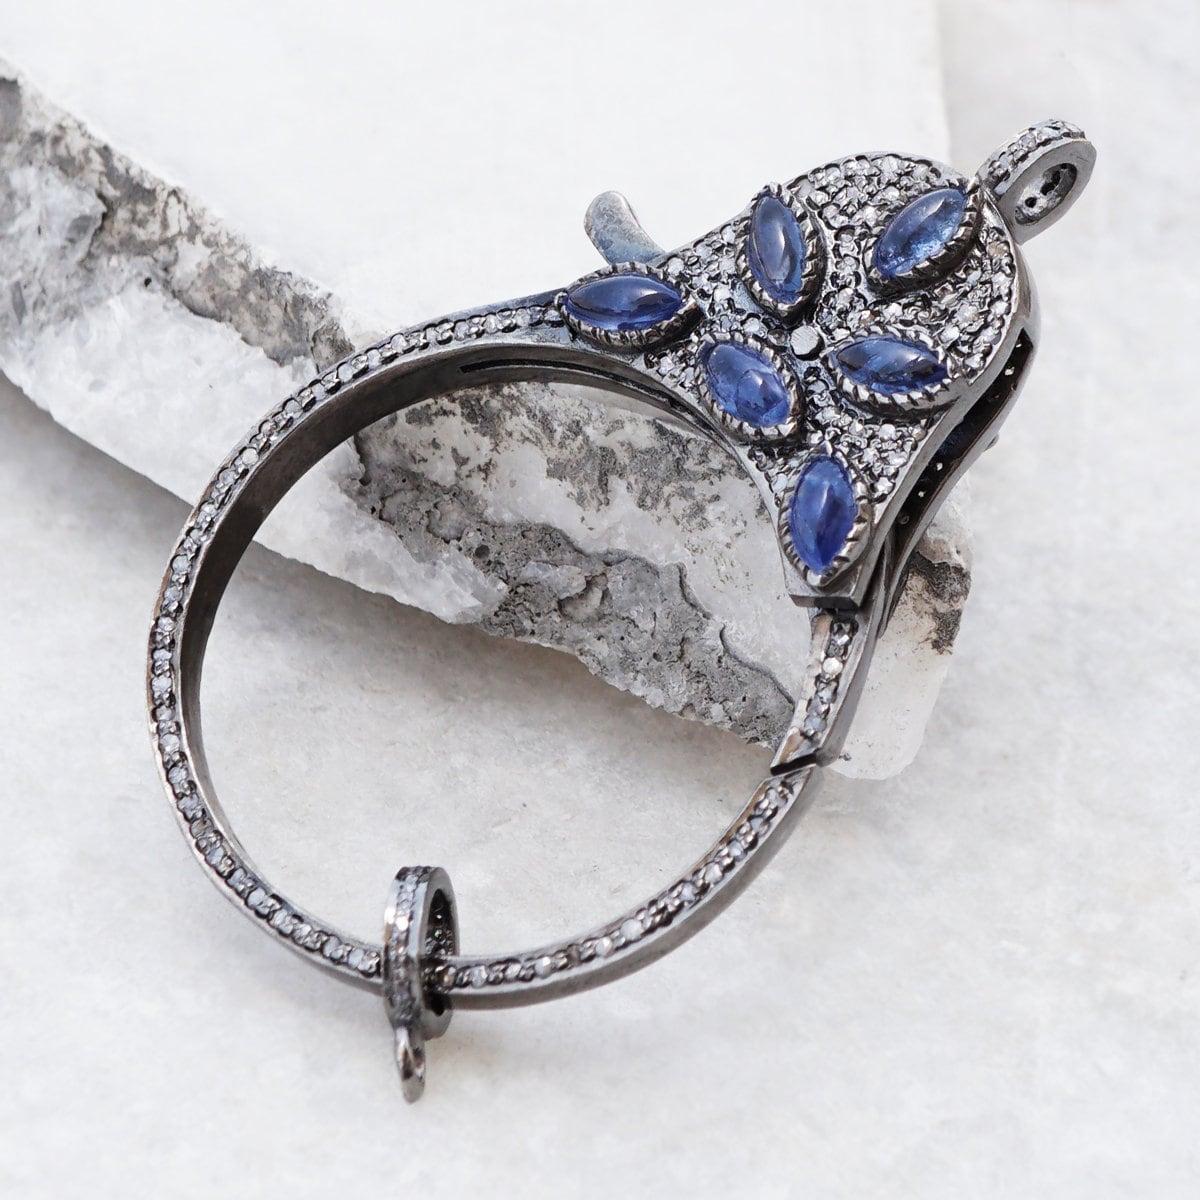 Bleu Bleu Bleu saphir Pierre Double face diamant pavé 925 mousqueton argent fermoir verrou composant trouver bijoux FI-14 9ddba4